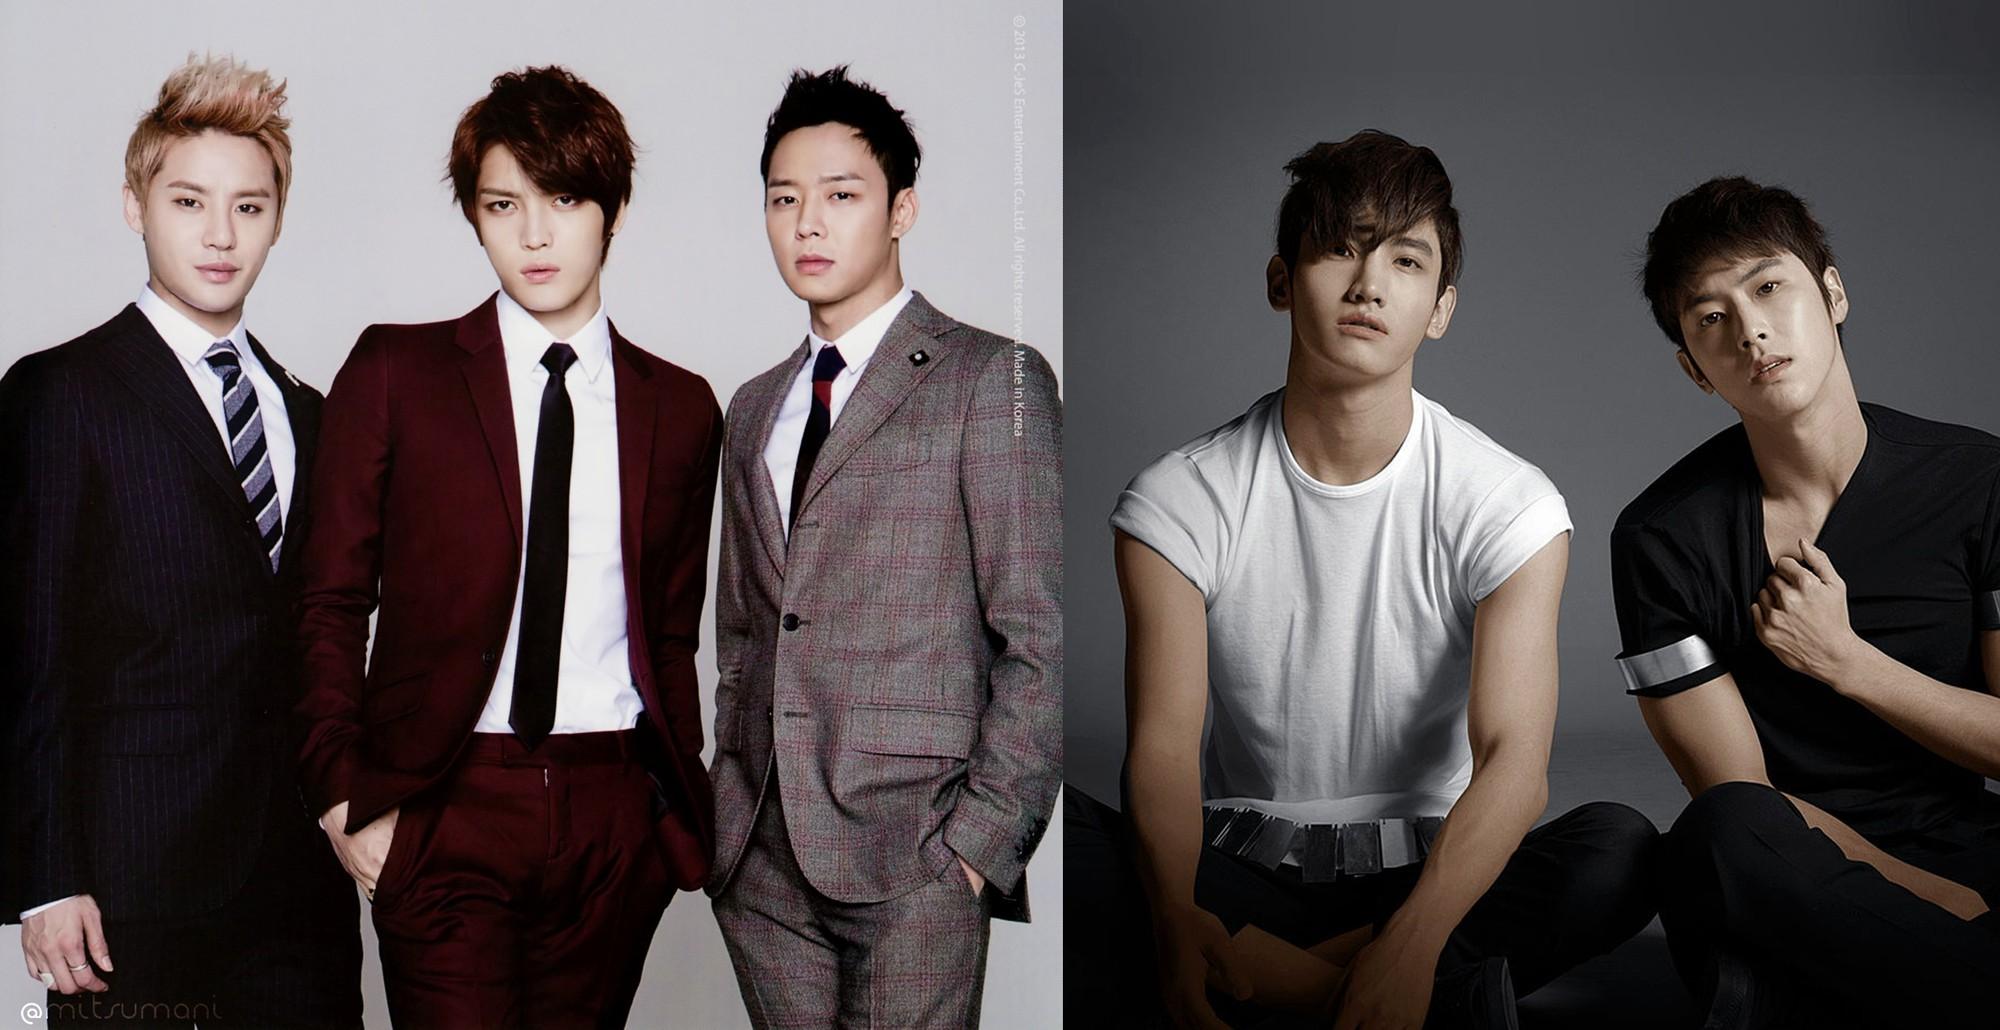 Thế hệ thứ 2 của Kpop chính thức khép màn, tạm biệt những công thần một thời hoàng kim - Ảnh 5.